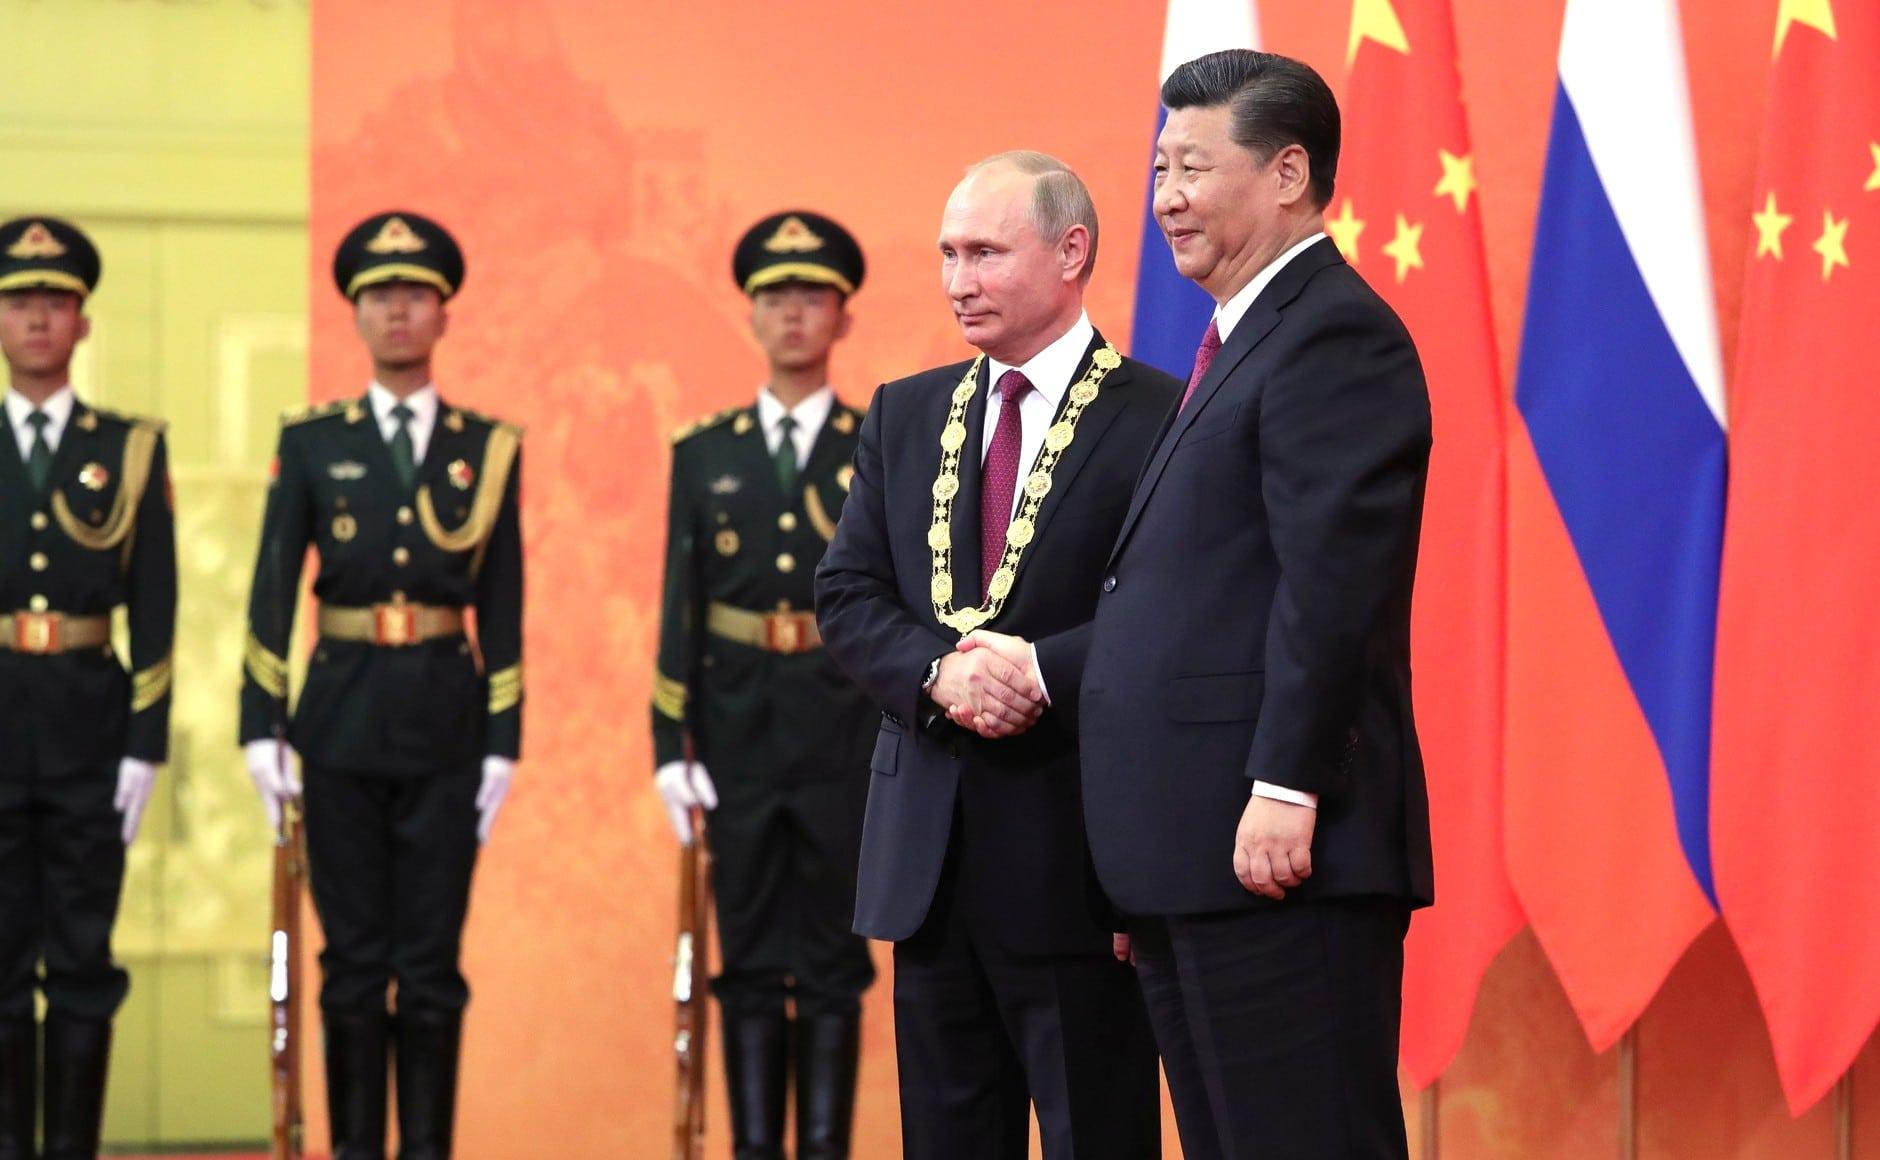 Putyin gratulált Hszi Csin-pingnek a Kínai Népköztársaság megalakulásának 70. évfordulóján